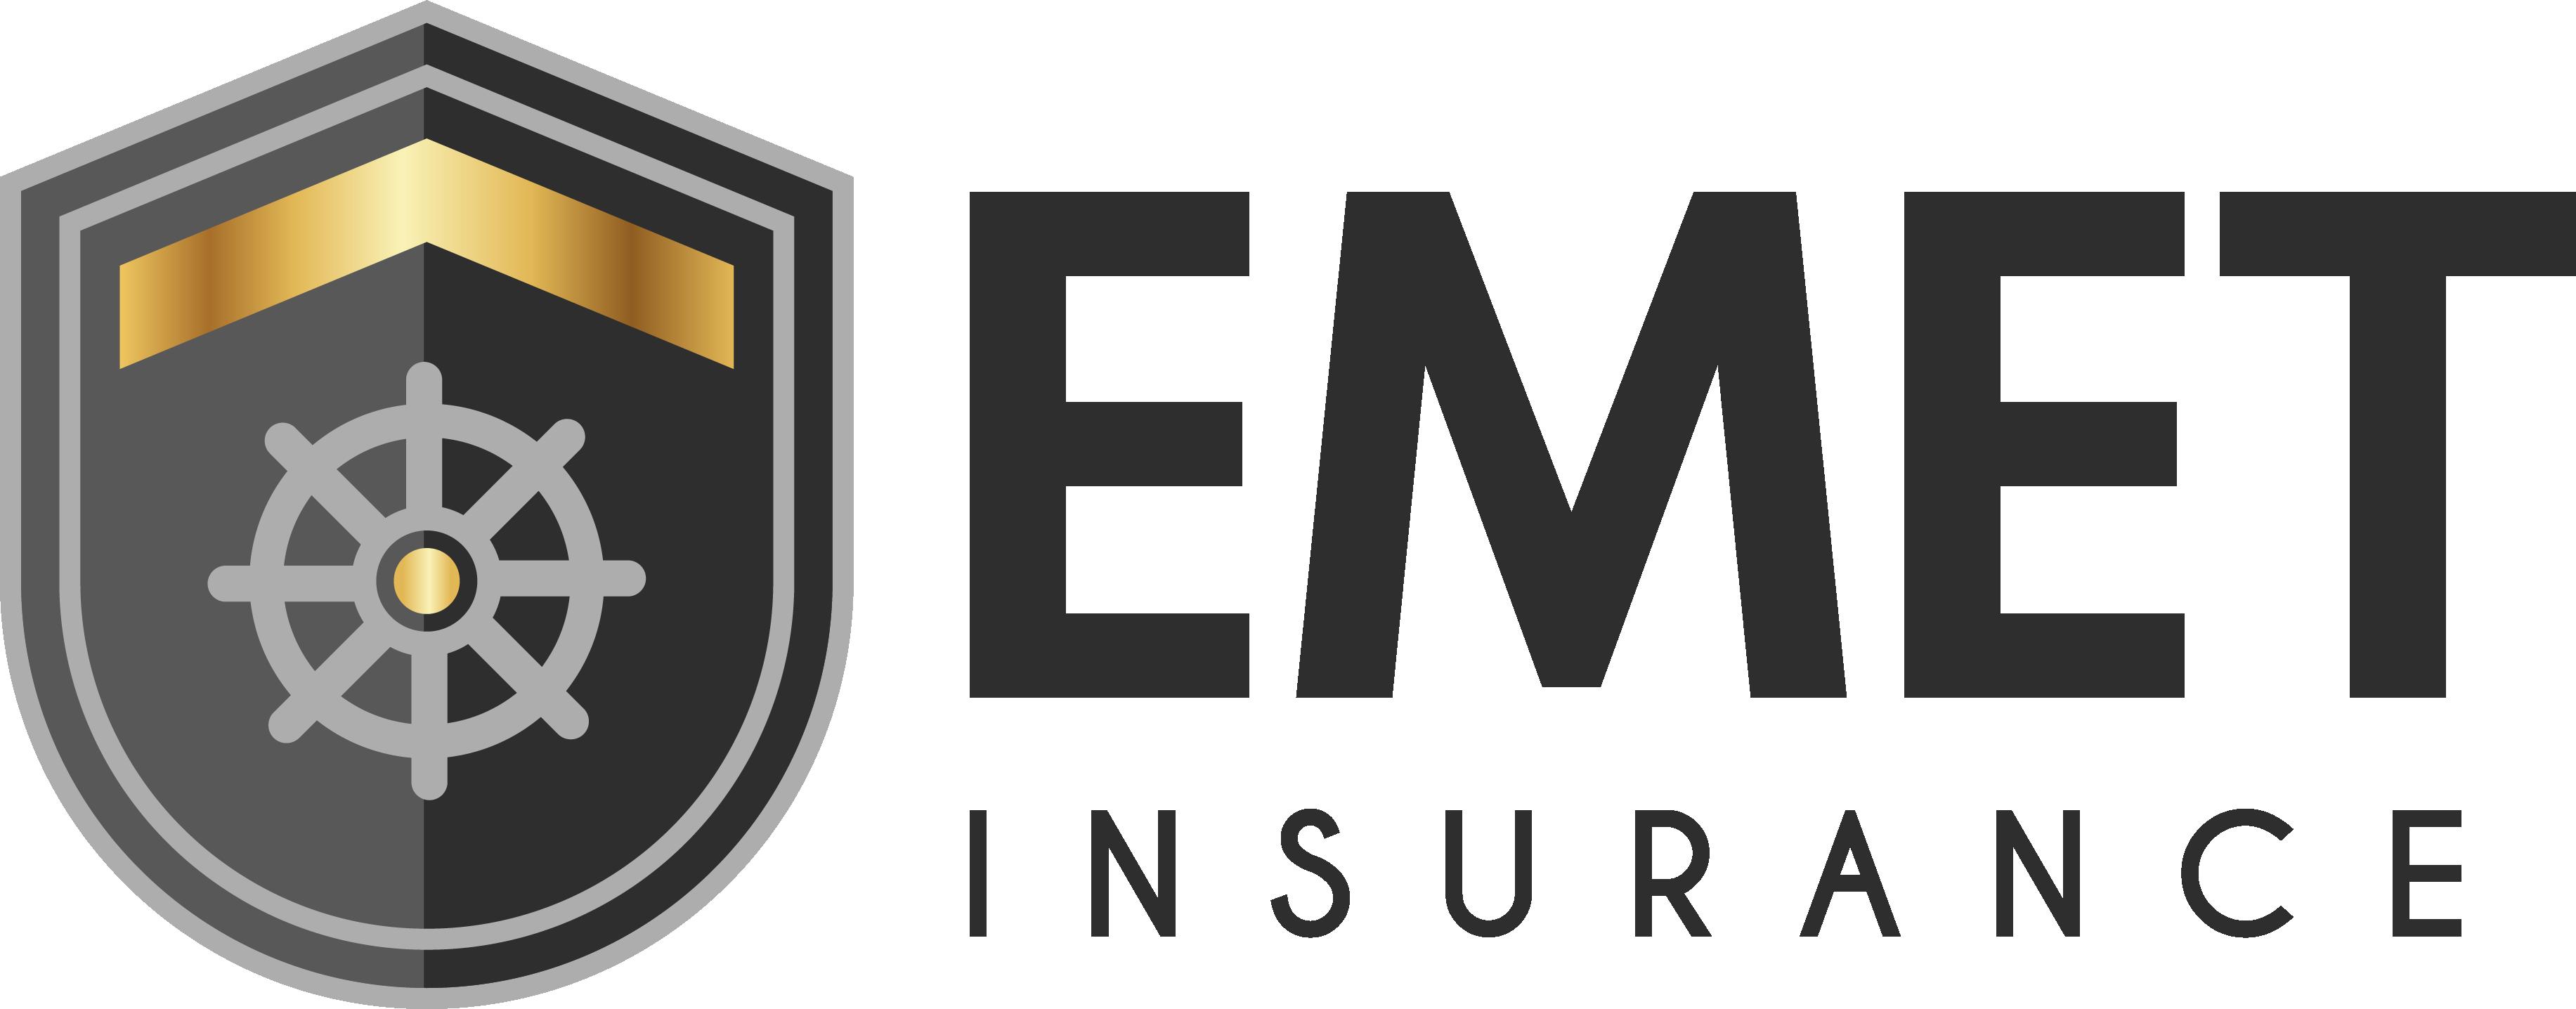 Emet Insurance